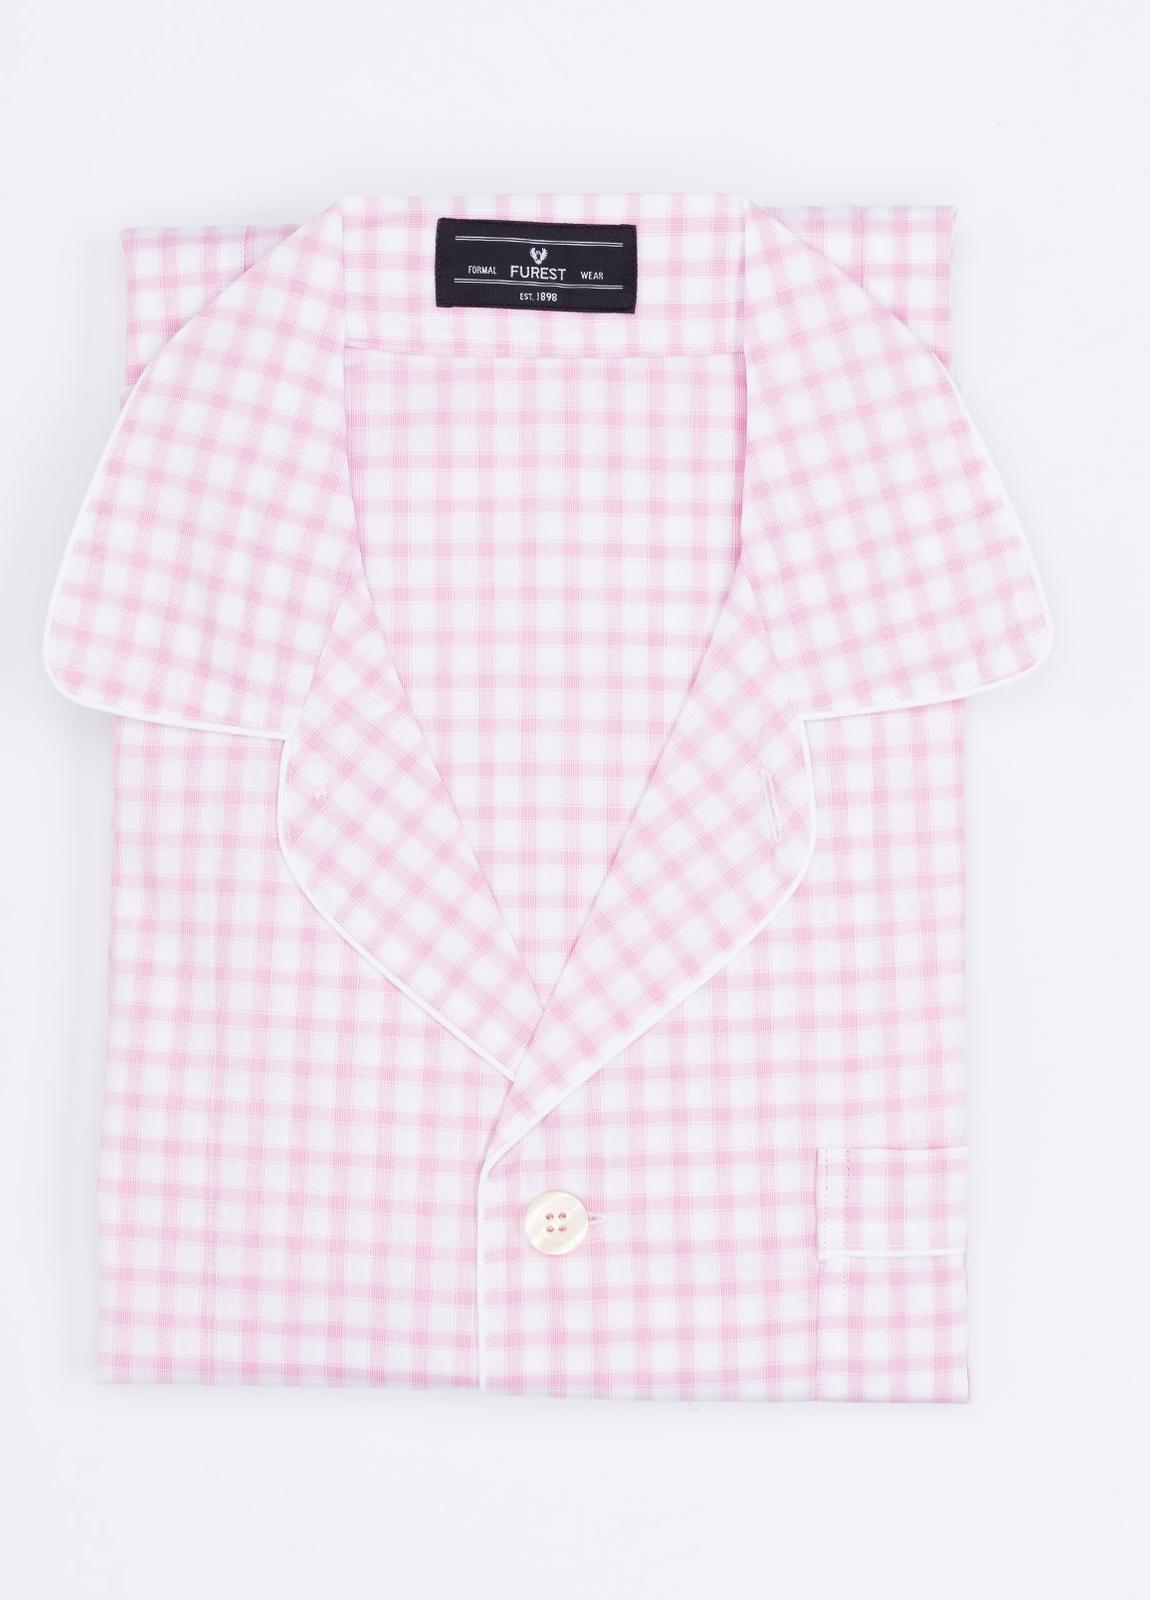 Pijama LARGO dos piezas, pantalón largo con cinta no elástica y funda incluida color rosa con estampado de cuadros. 100% Algodón.